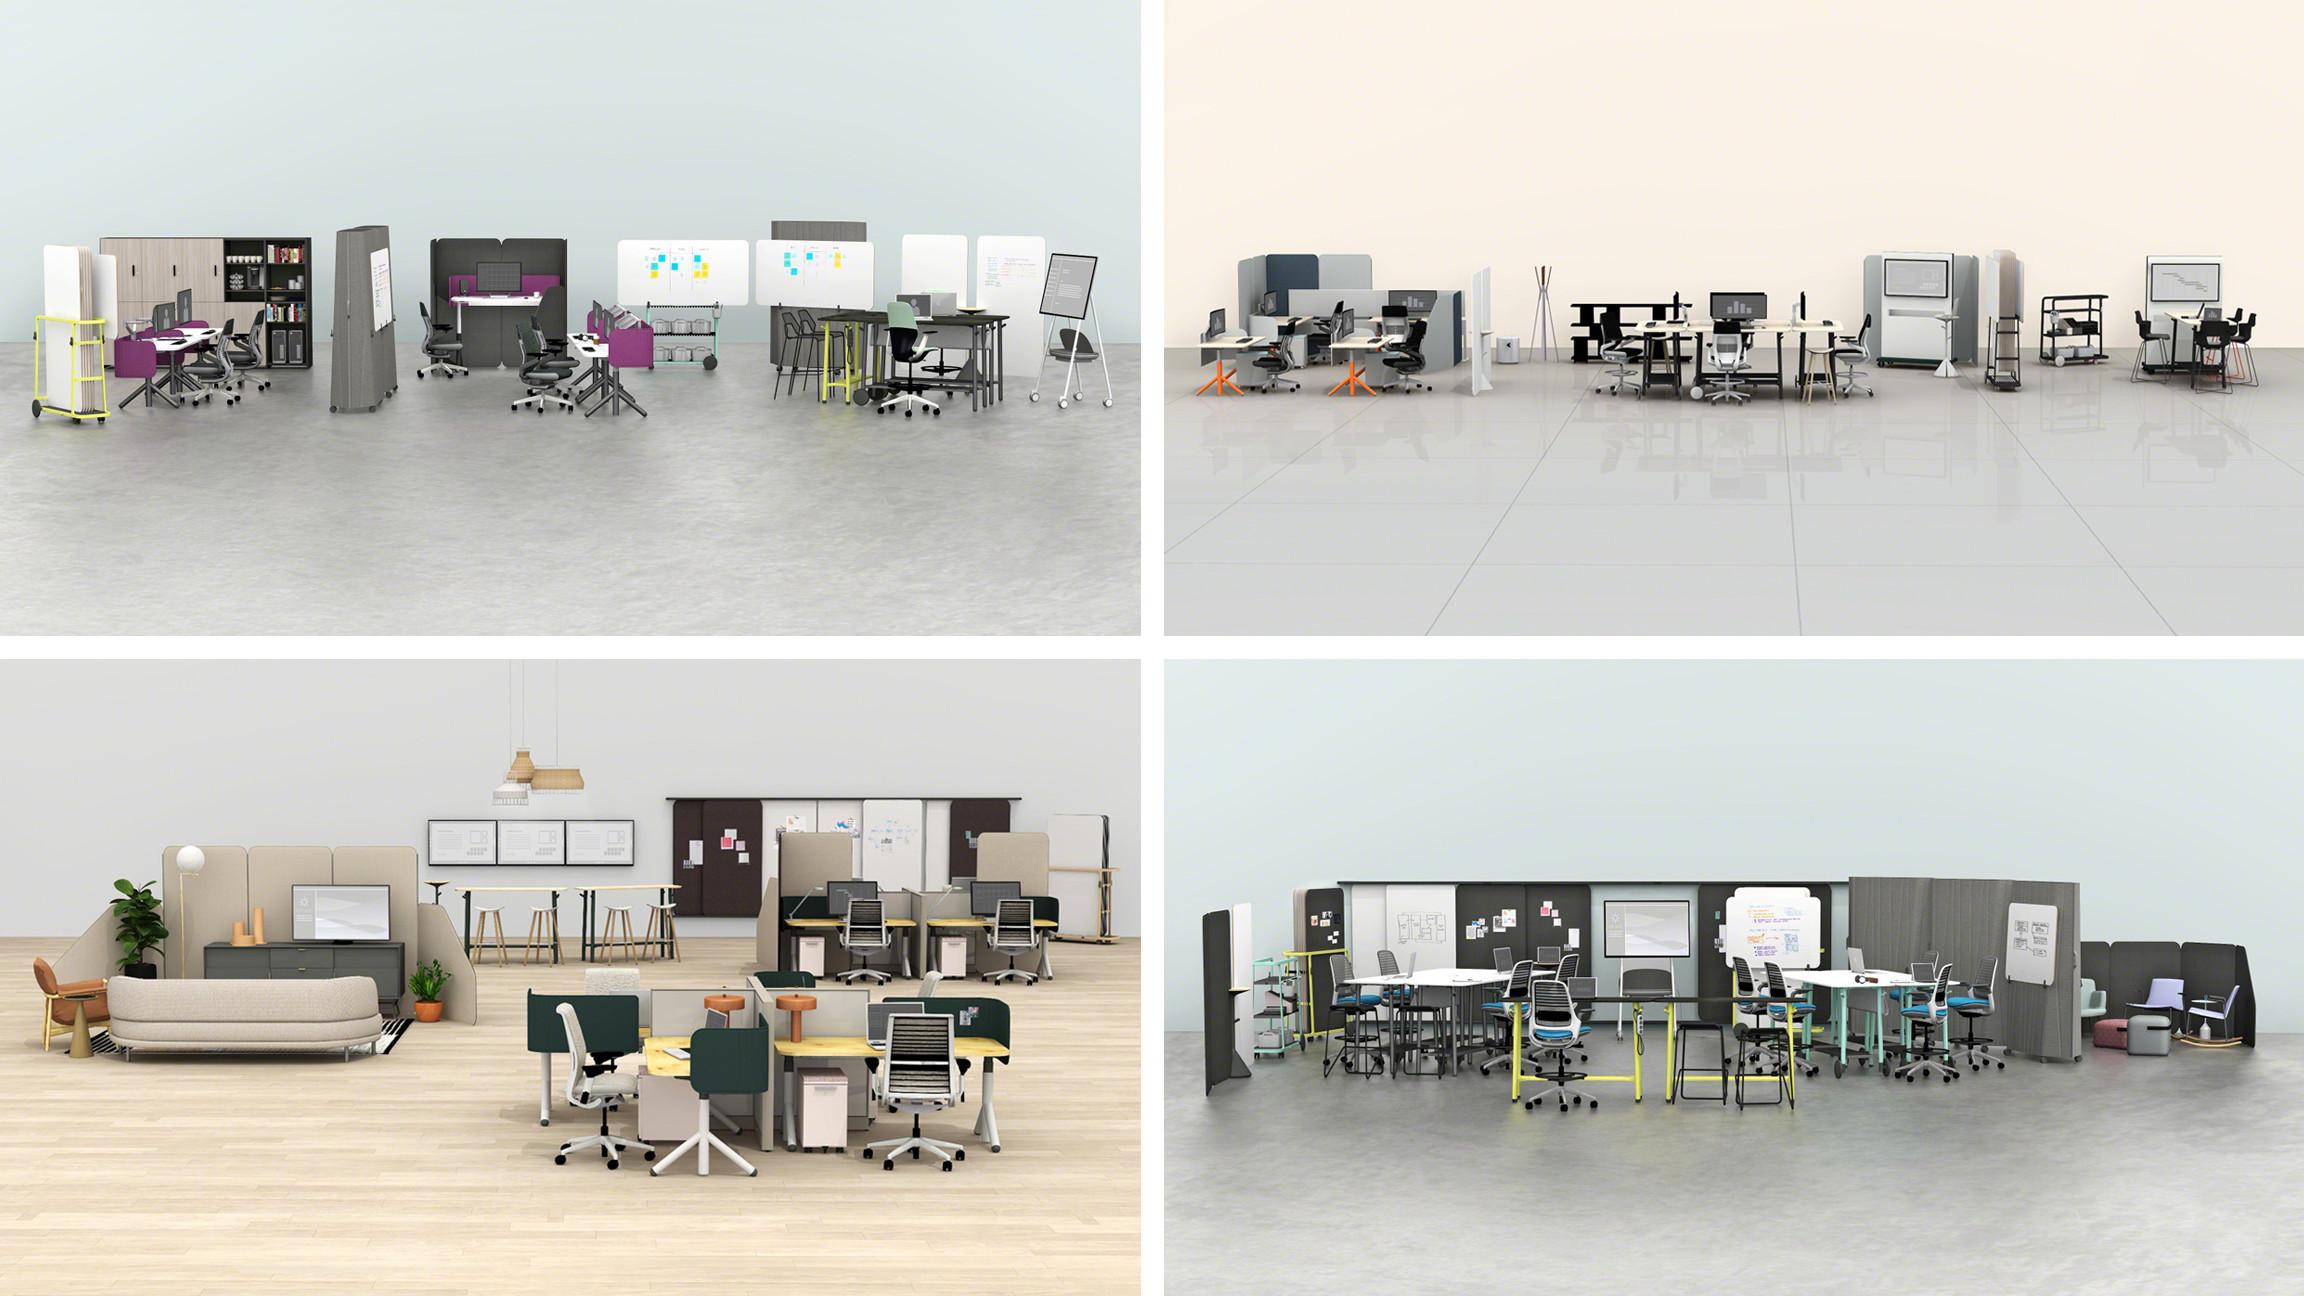 Tham khảo sản phẩm nội thất văn phòng linh hoạt